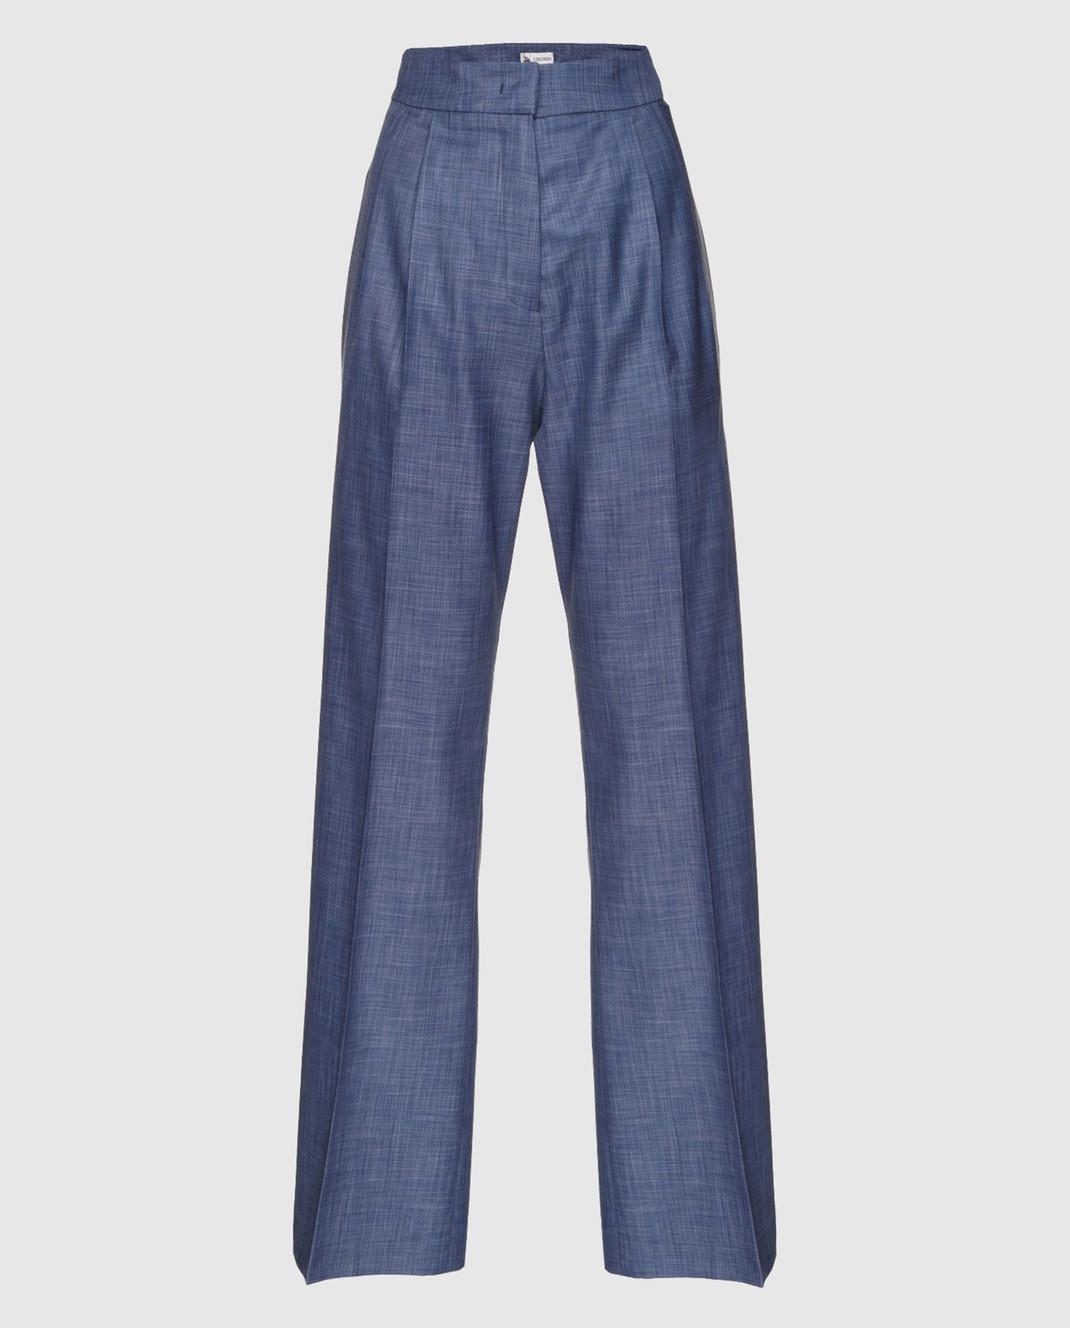 COLOMBO Синие брюки изображение 1